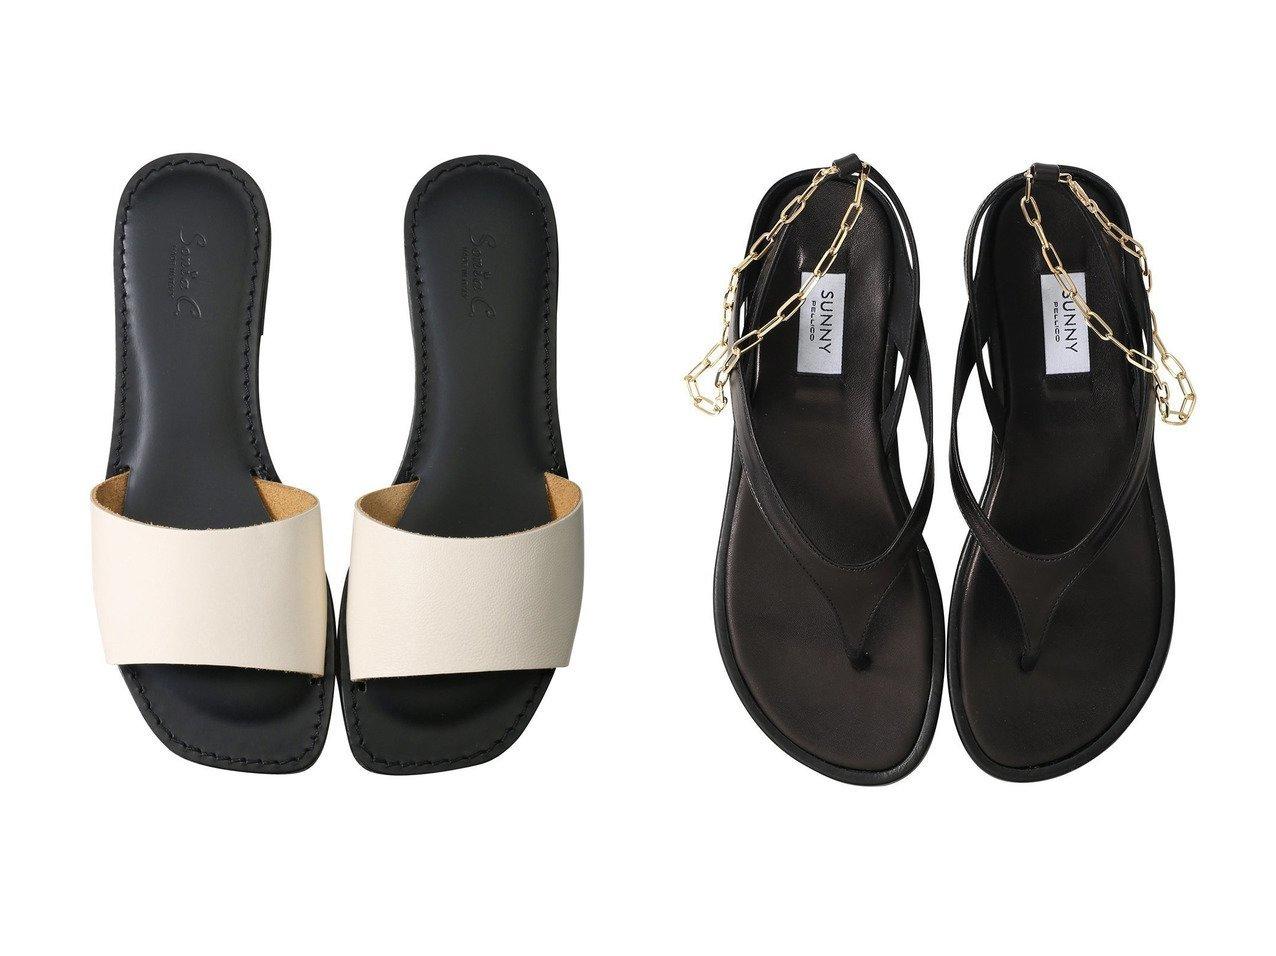 【martinique/マルティニーク】の【PELLICO SUNNY】チェーンストラップサンダル&【Esmeralda/エスメラルダ】の【Sonia C】スクエアスライドサンダル 【シューズ・靴】おすすめ!人気、トレンド・レディースファッションの通販 おすすめで人気の流行・トレンド、ファッションの通販商品 インテリア・家具・メンズファッション・キッズファッション・レディースファッション・服の通販 founy(ファニー) https://founy.com/ ファッション Fashion レディースファッション WOMEN サンダル シンプル フラット エレガント チェーン ラップ 今季  ID:crp329100000043151